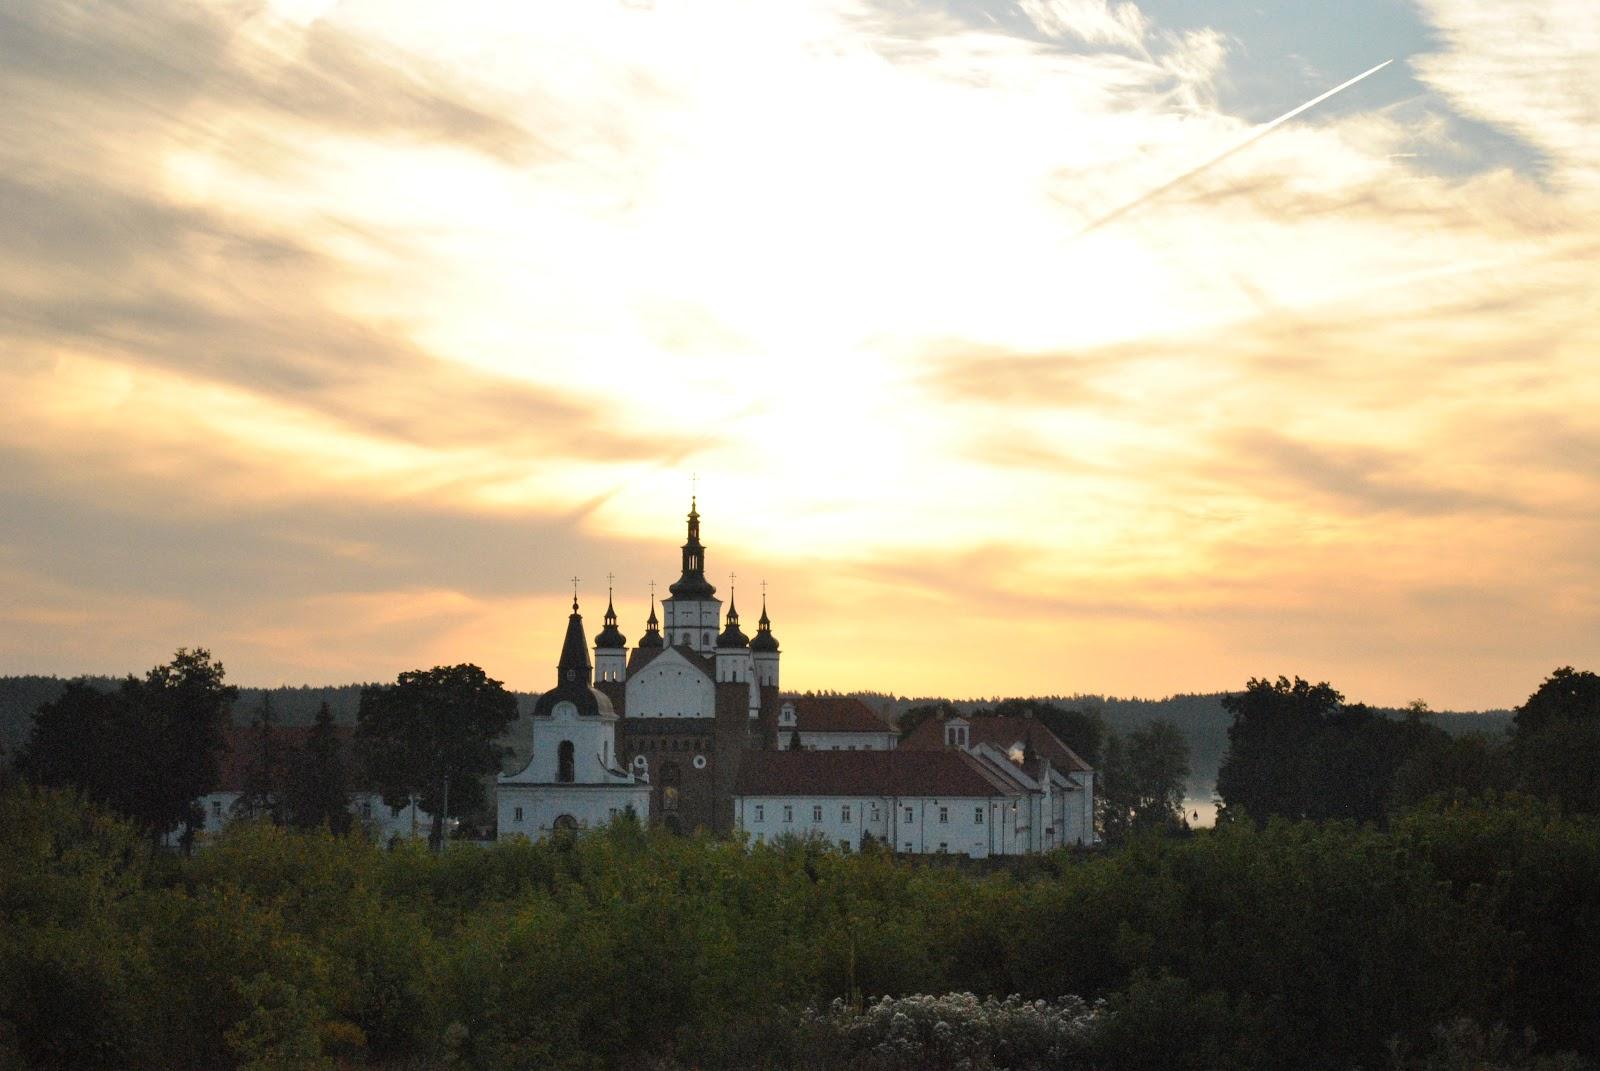 Монастир у Супраслі, де отець Софроній відчув покликання до чернечого життя